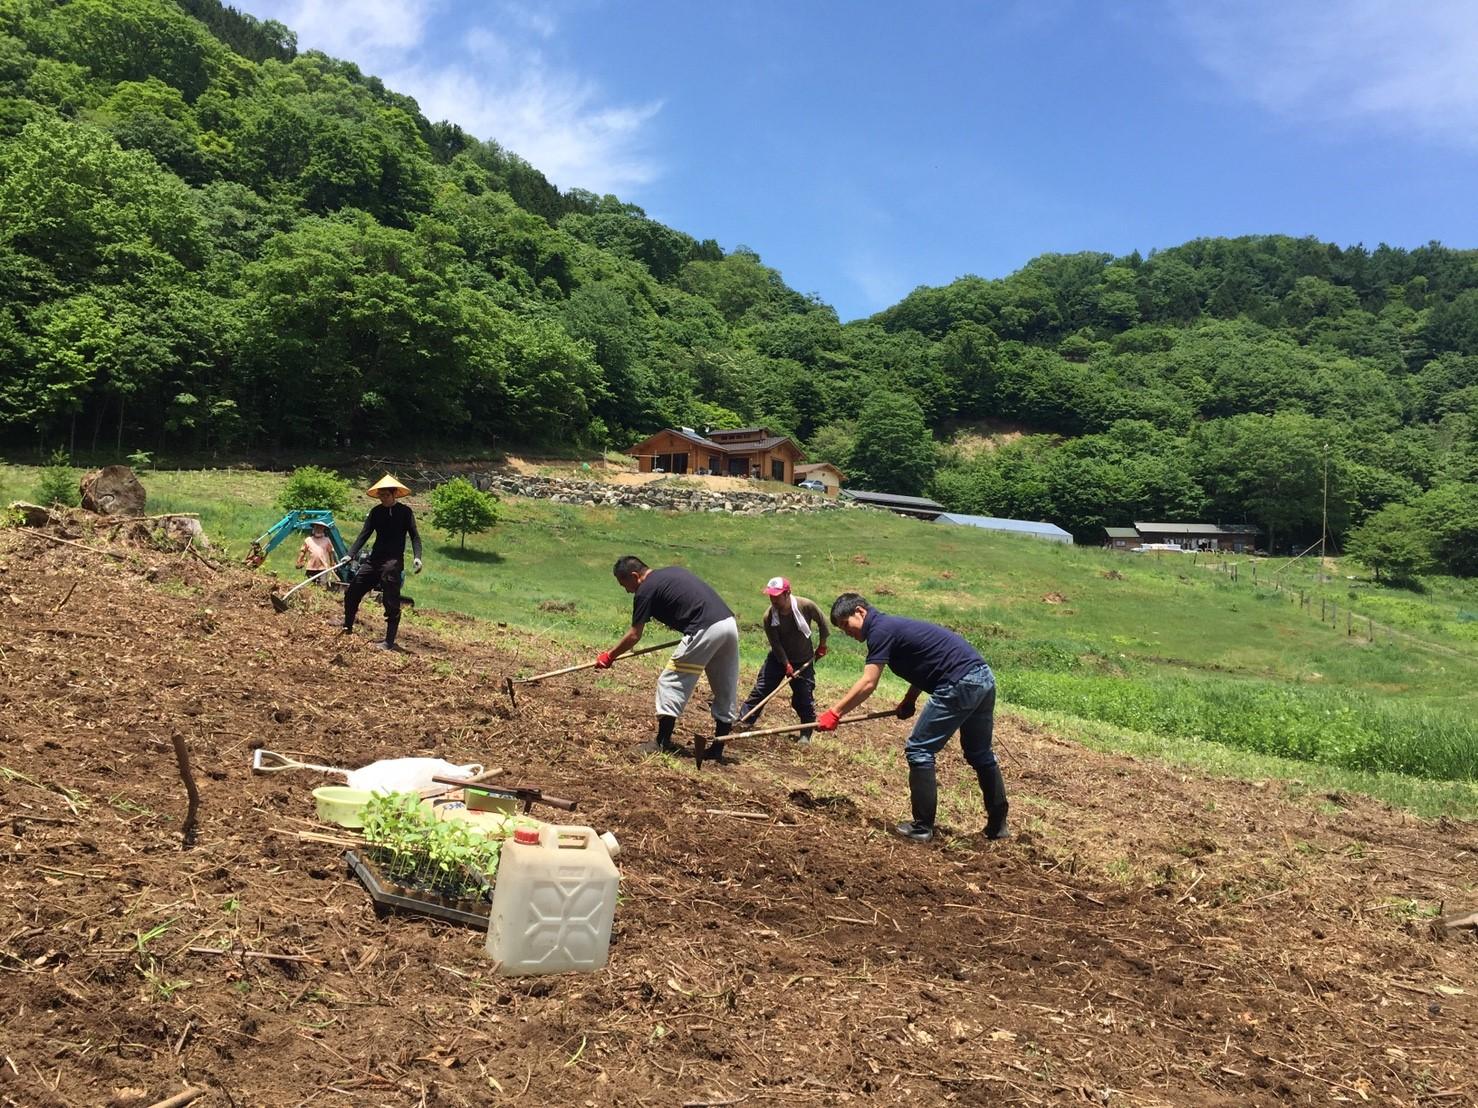 6d50a9ce8623f5214258e1cdb1a39638 - DASHA村の様なプロジェクト(群馬県神流町農場)